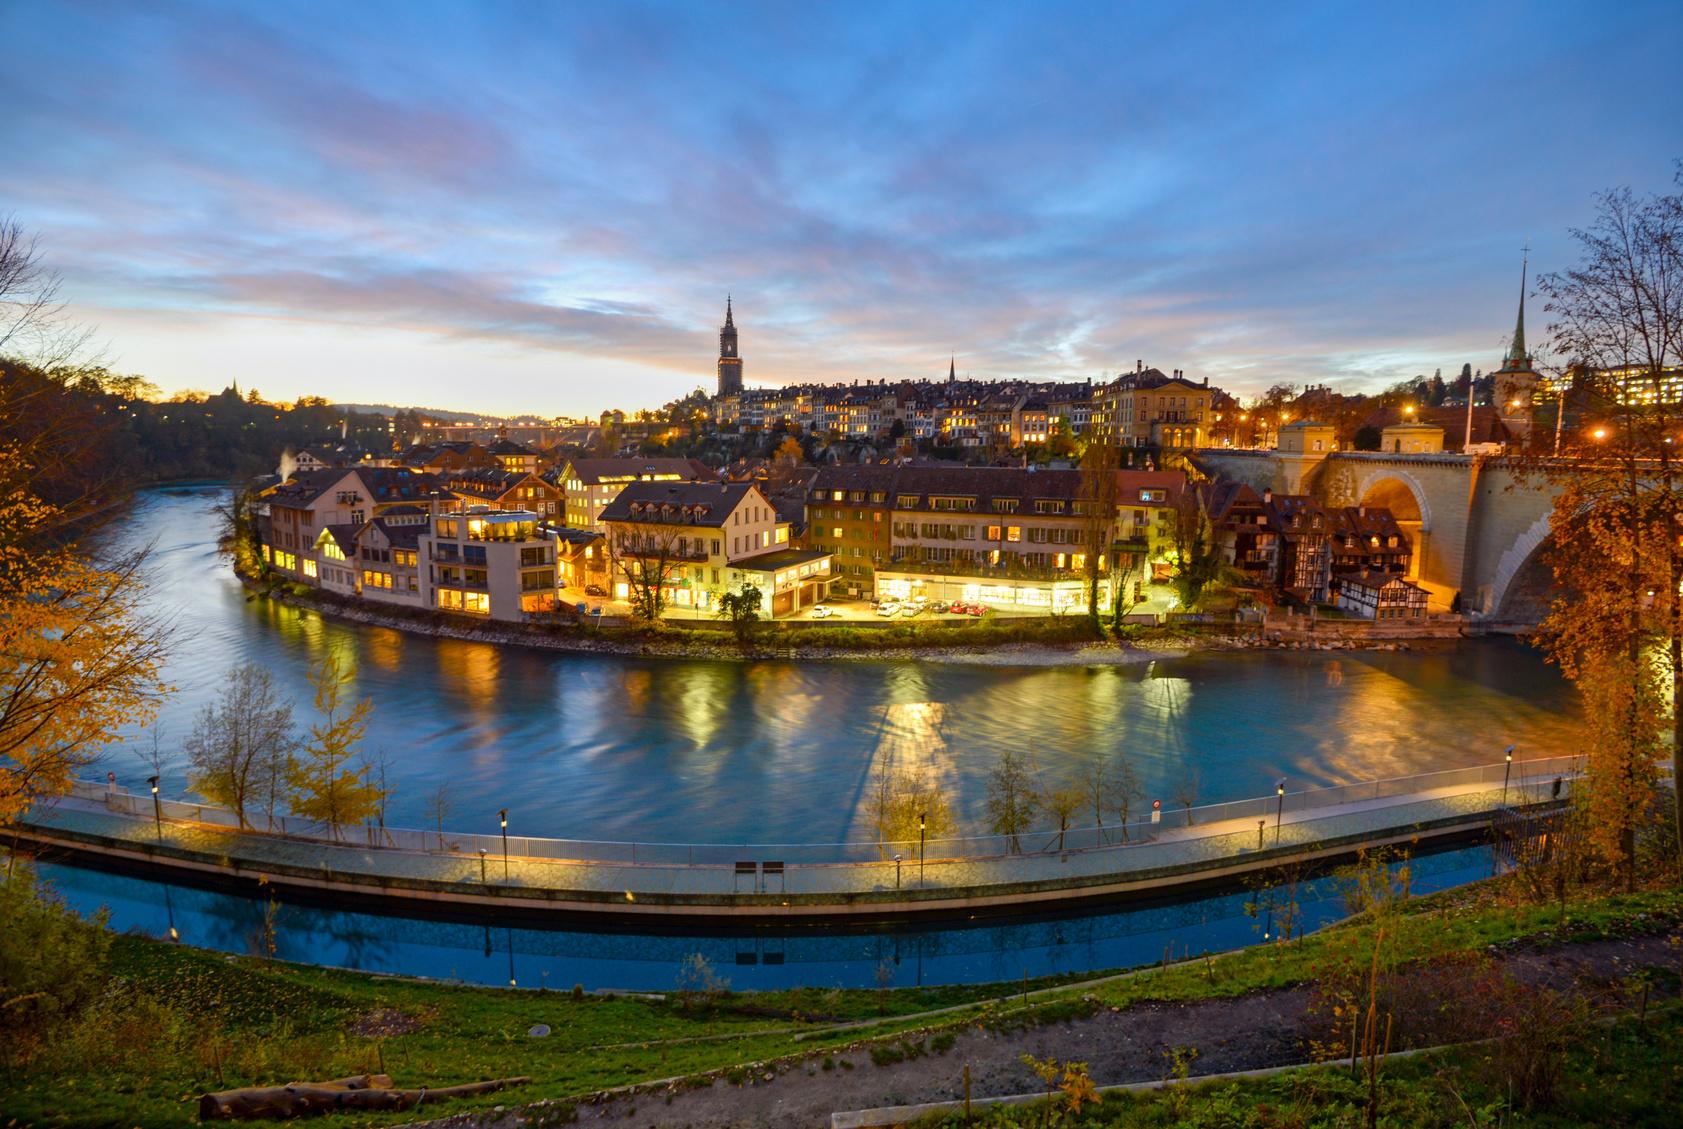 Wohnen & leben in der Stadt Bern